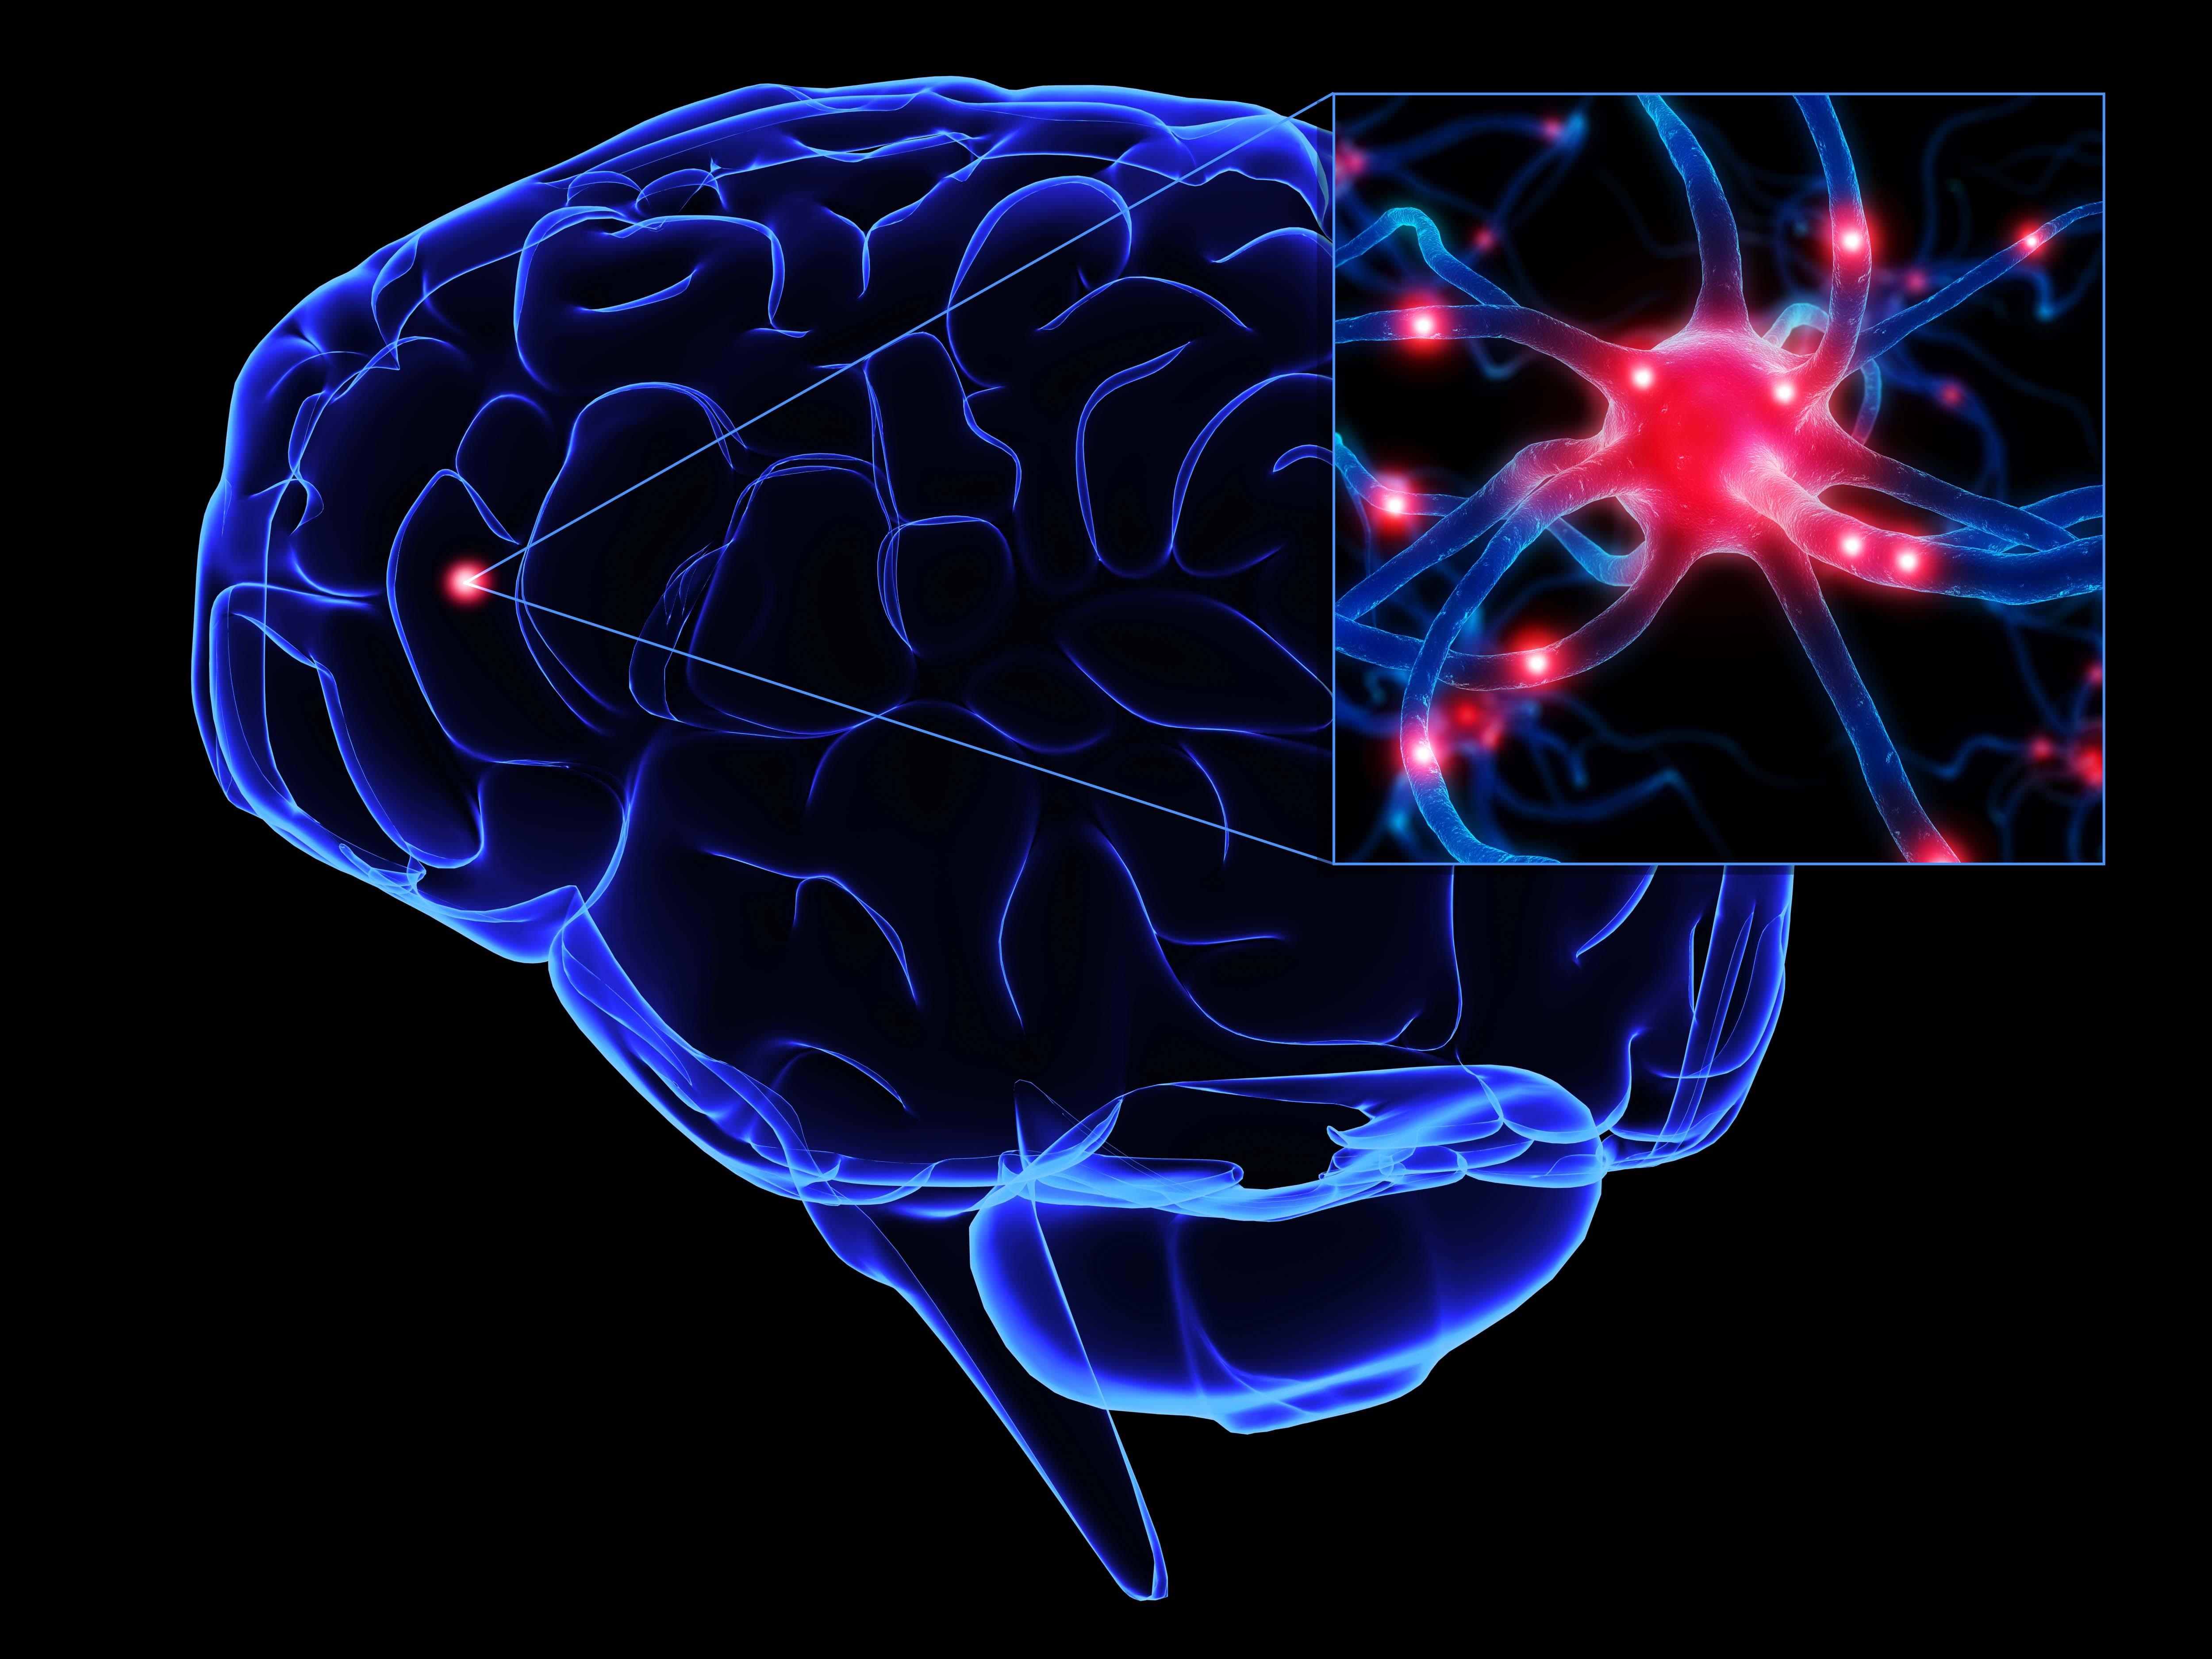 Ученые назвали 5 вещей, которые убивают клетки мозга